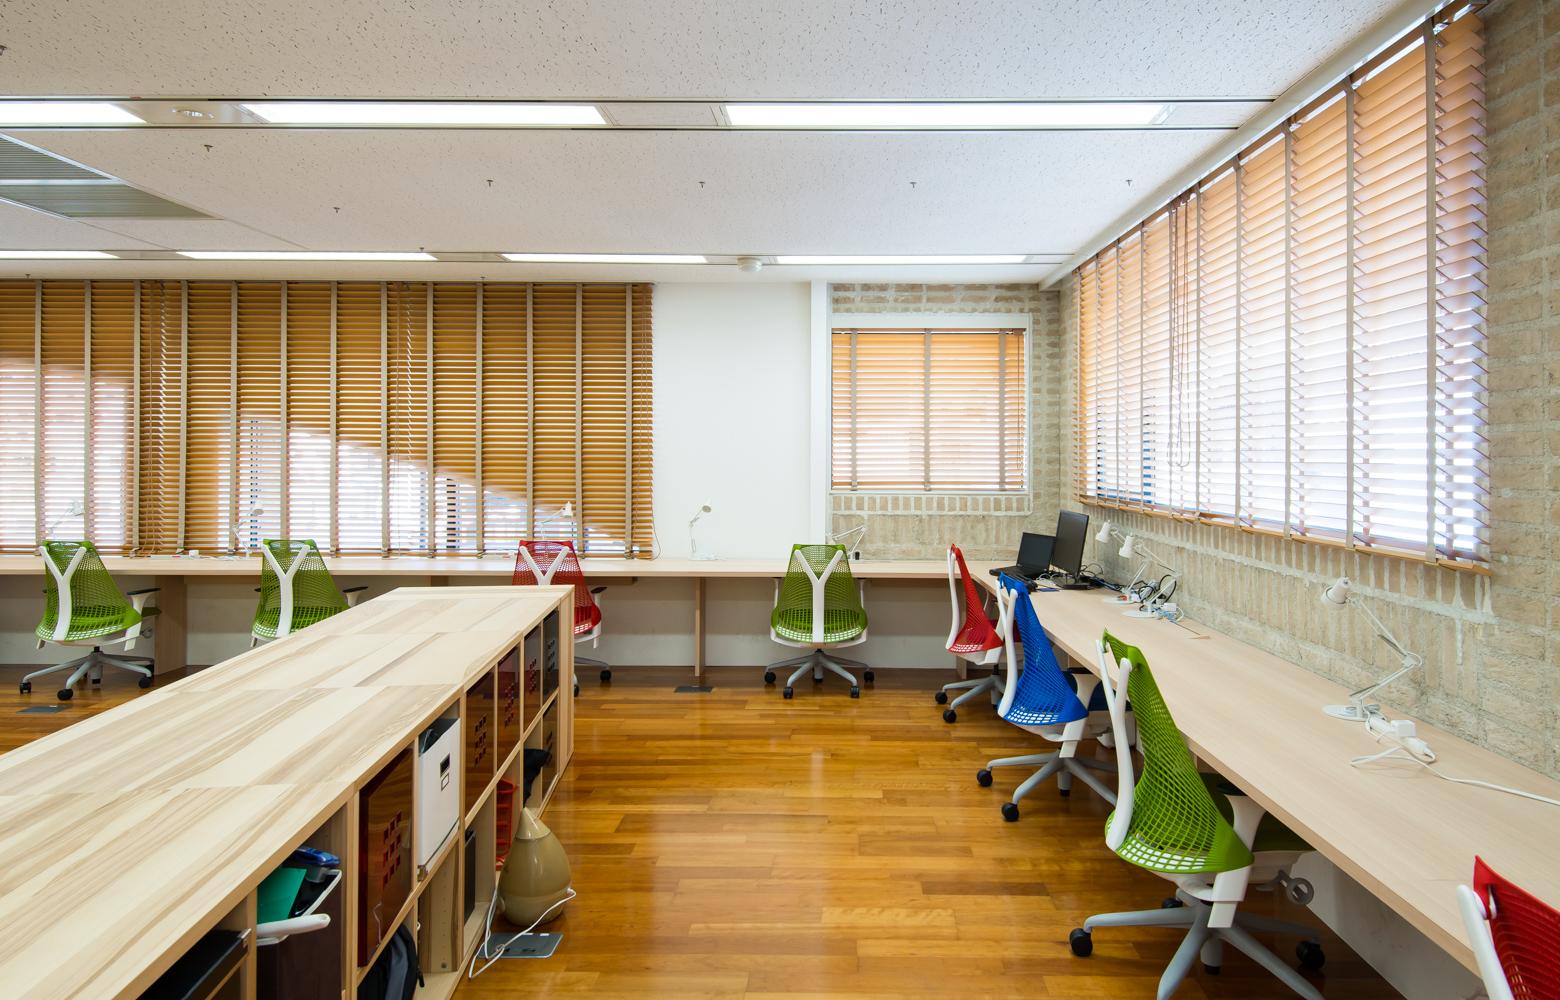 サイズミック・テクノロジーズ株式会社 Work Space_3 デザイン・レイアウト事例